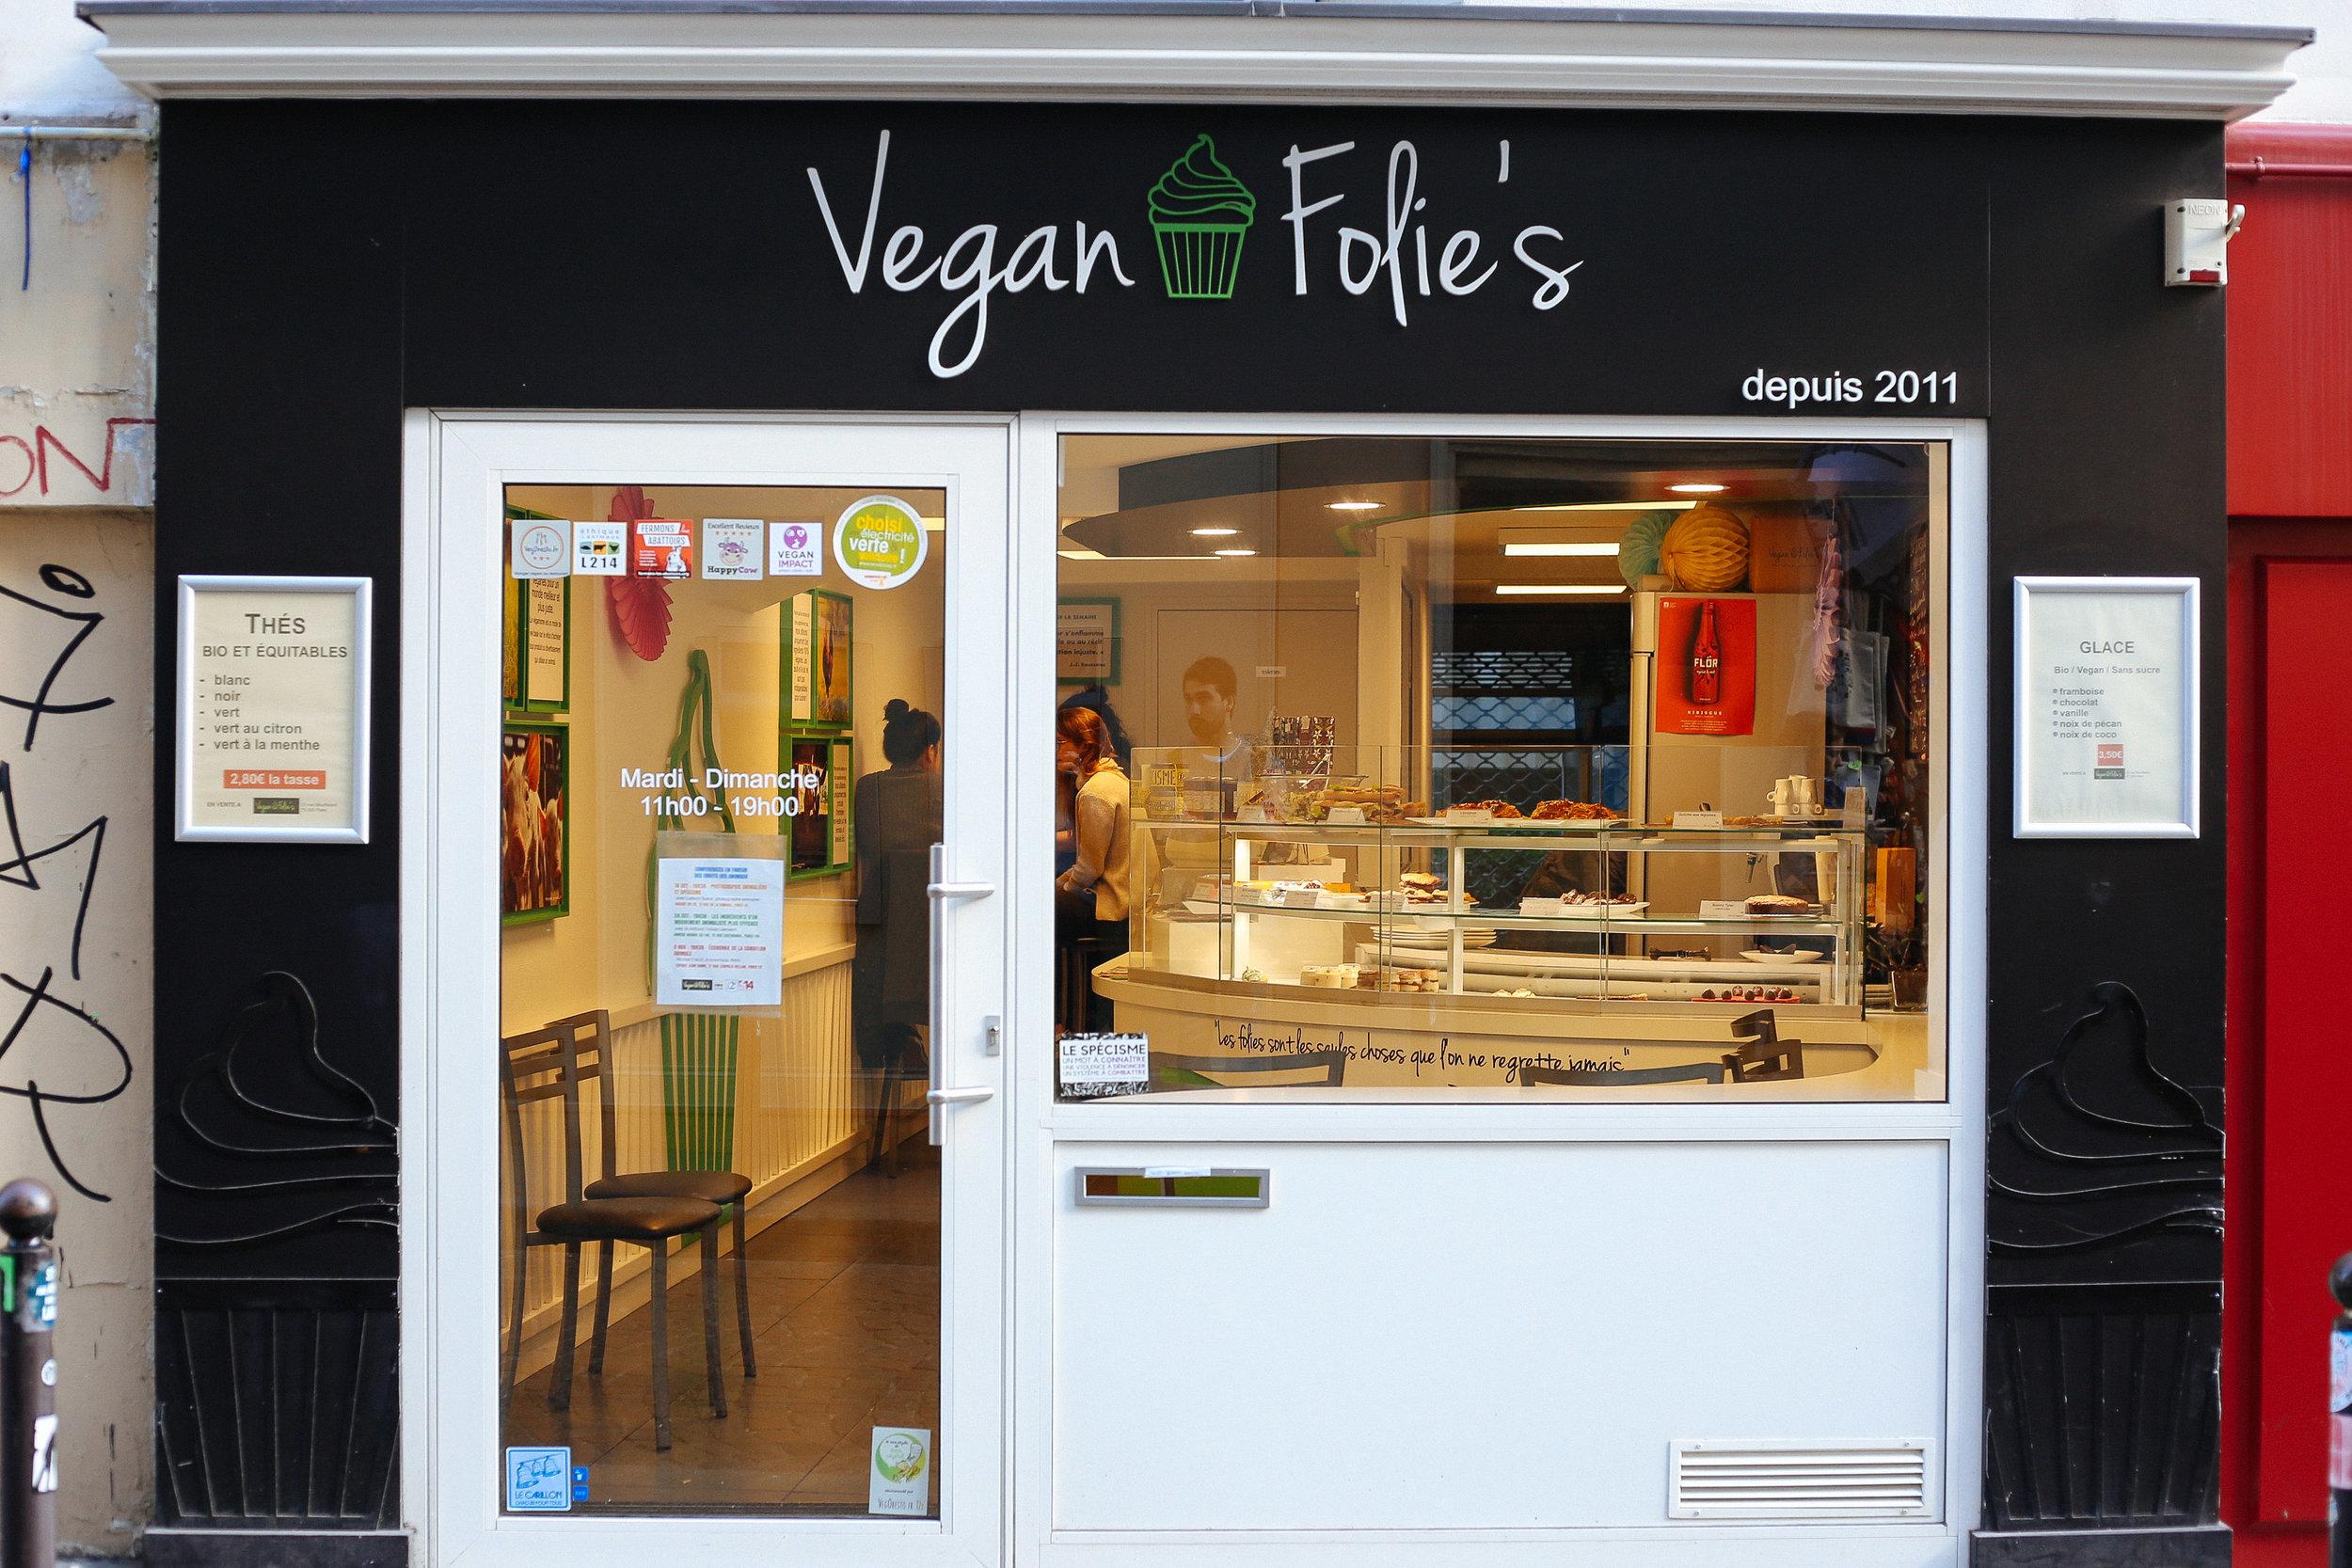 VeganFolie's.jpg